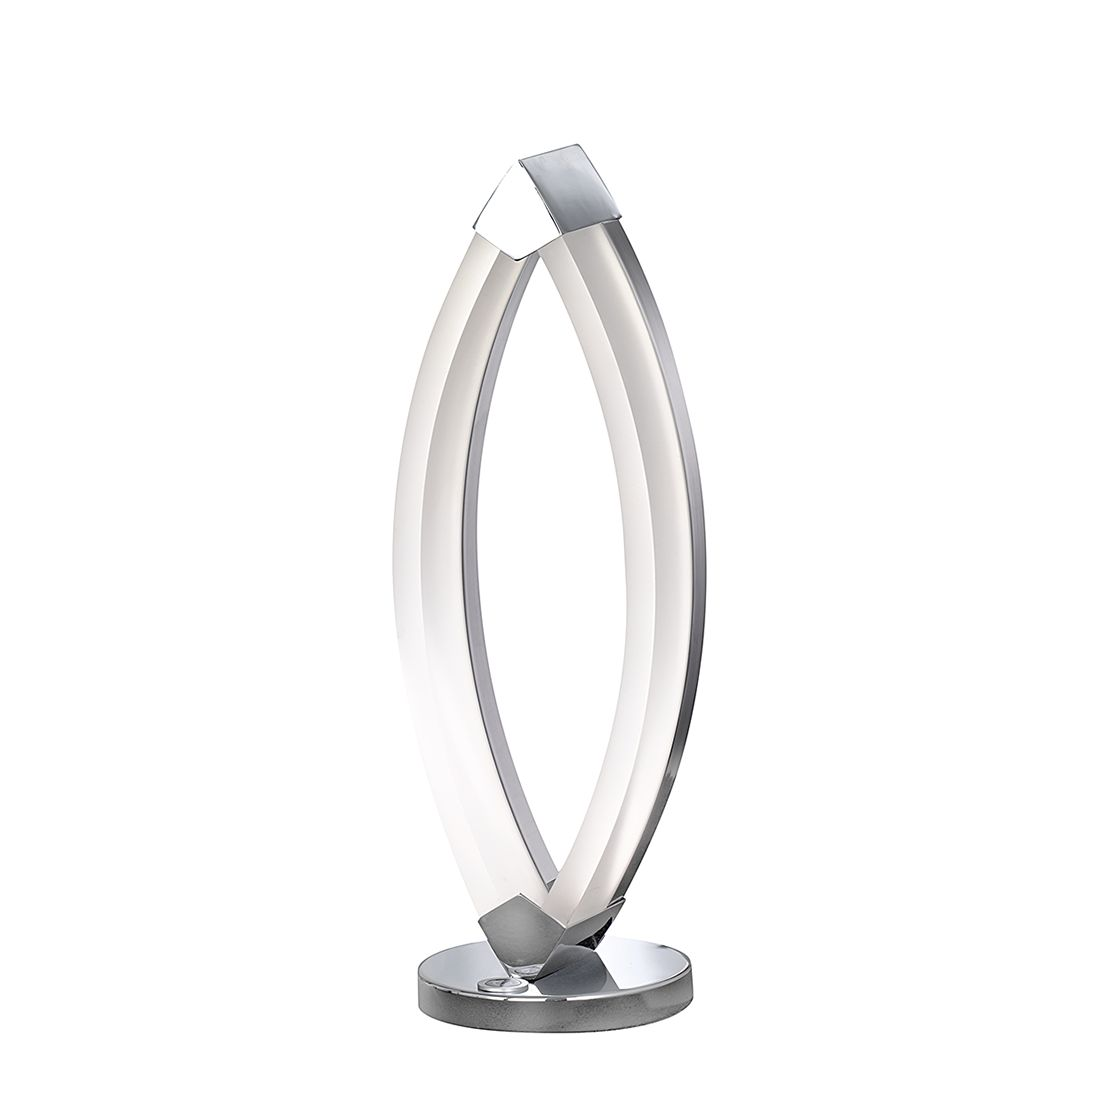 Tischleuchte VANNES ● Metall/Kunststoff ● 1-flammig- Lux A+